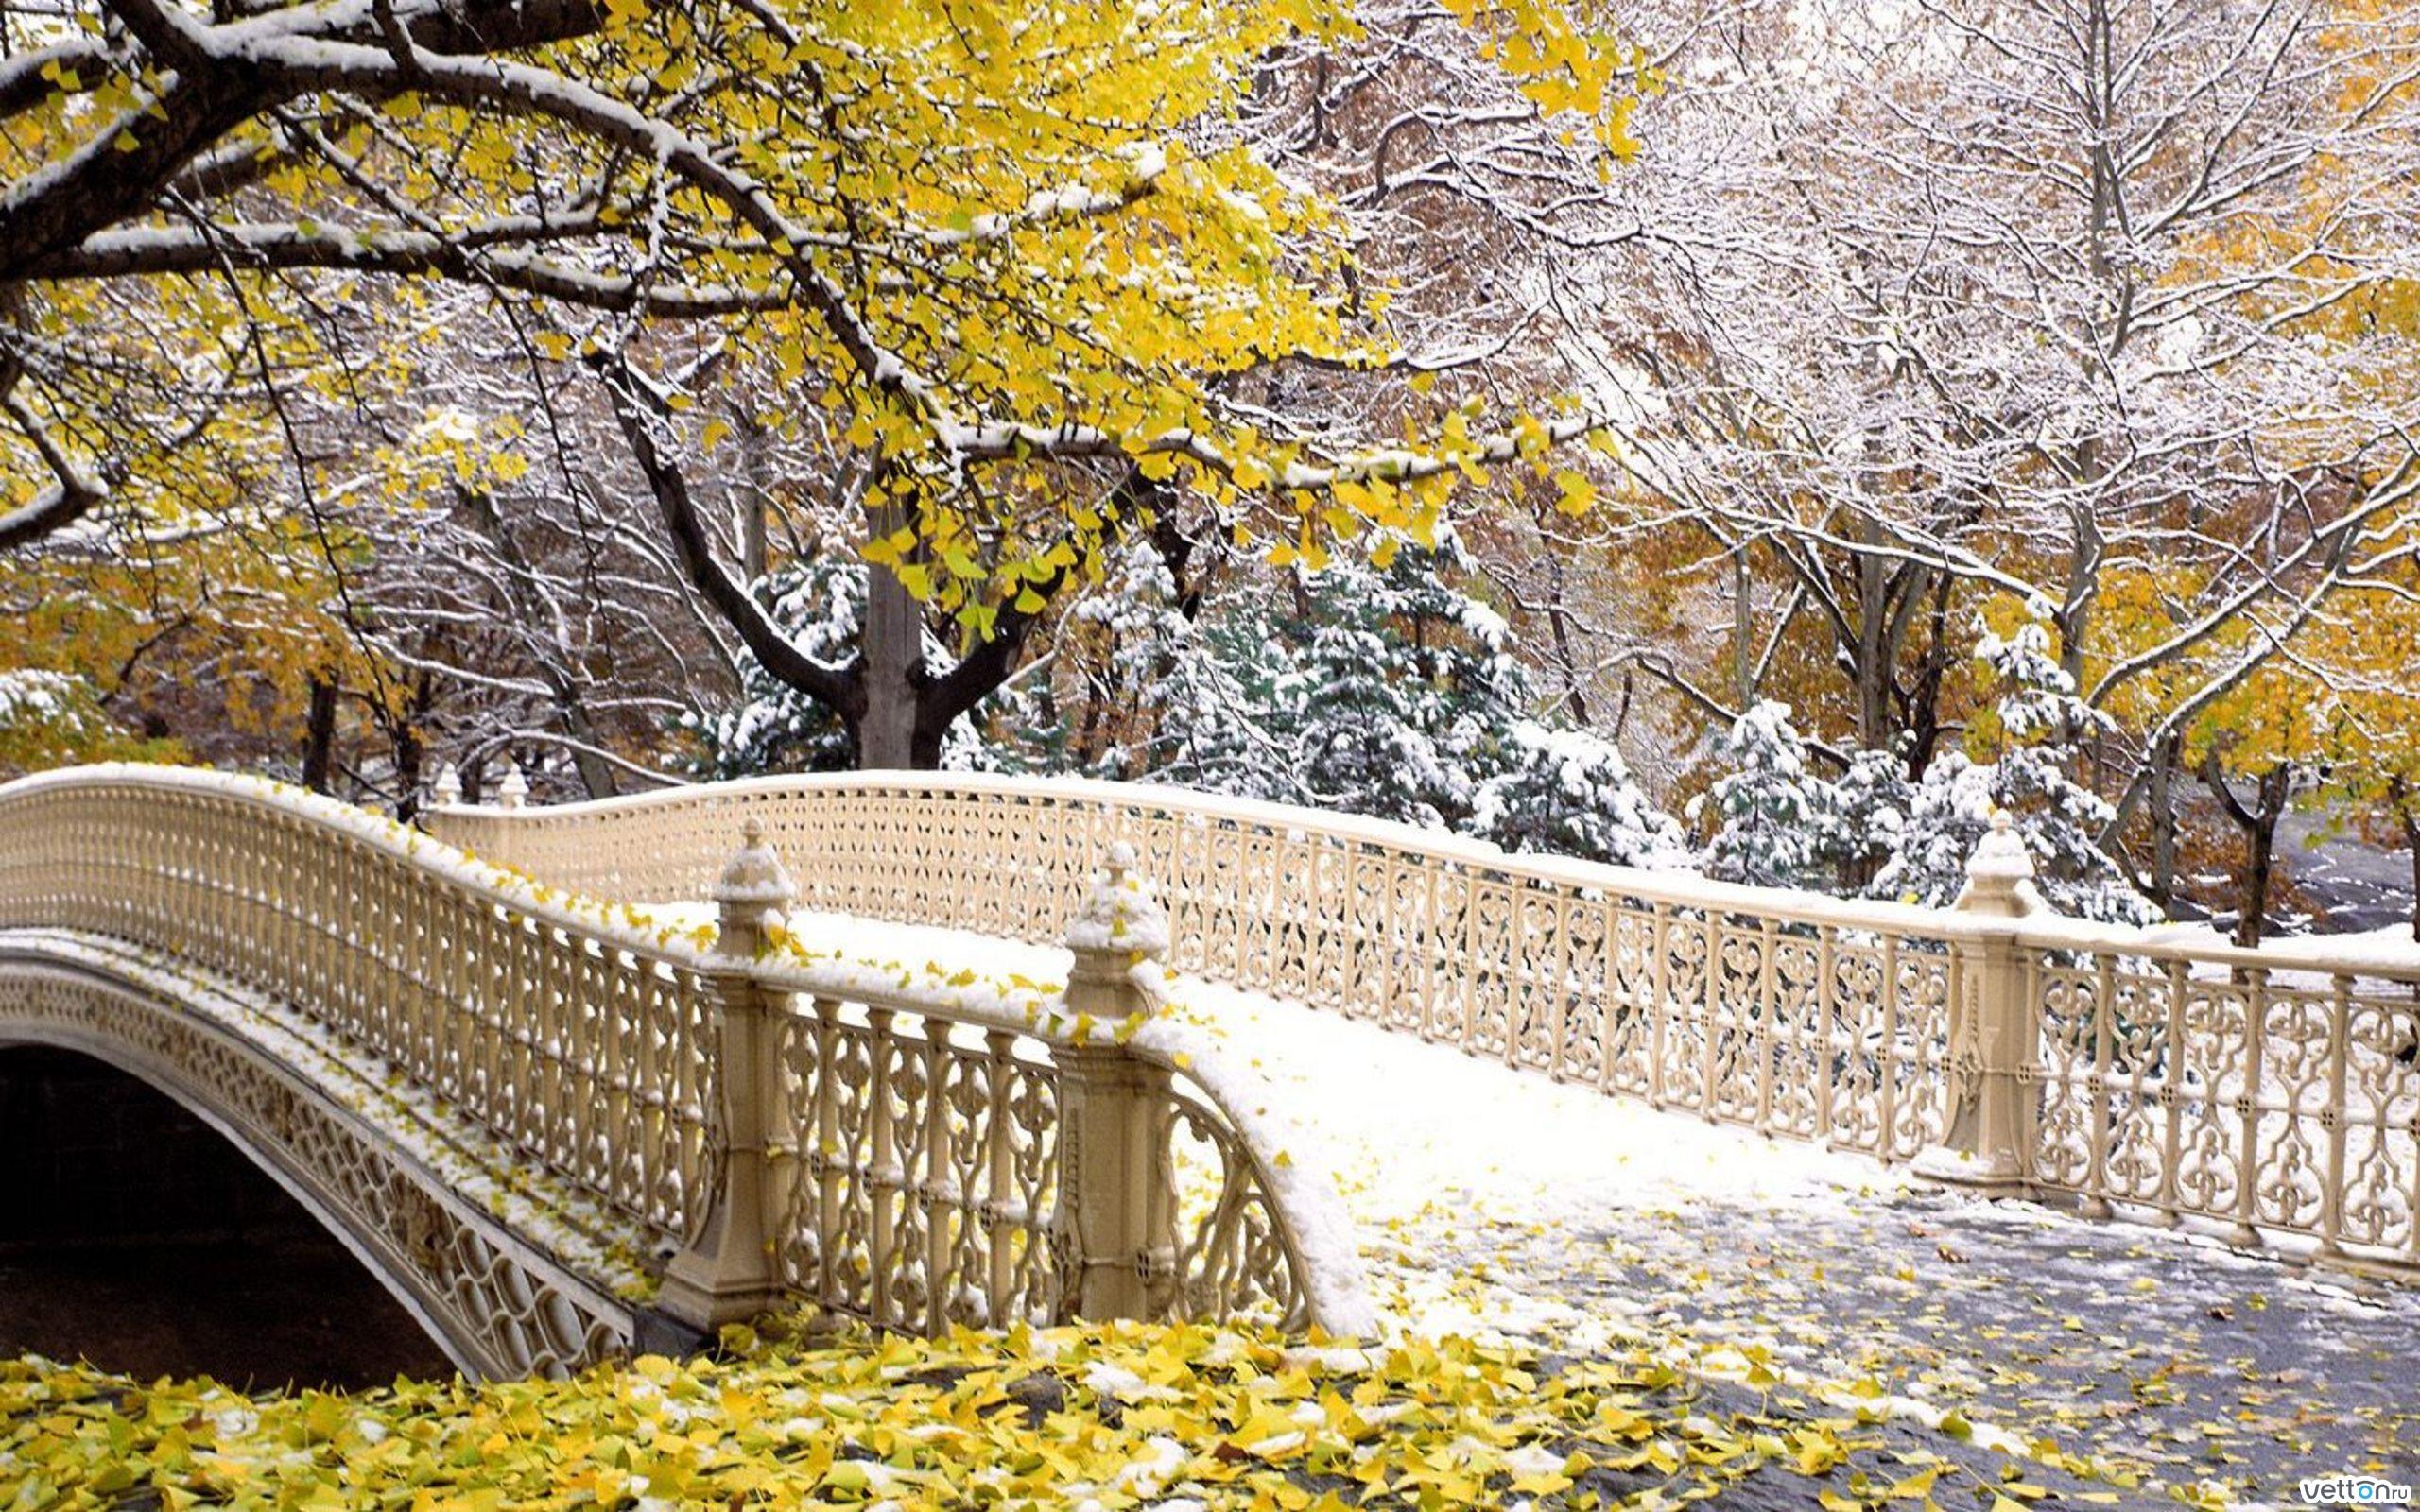 спросом этом погода катании в ноябре прогноз